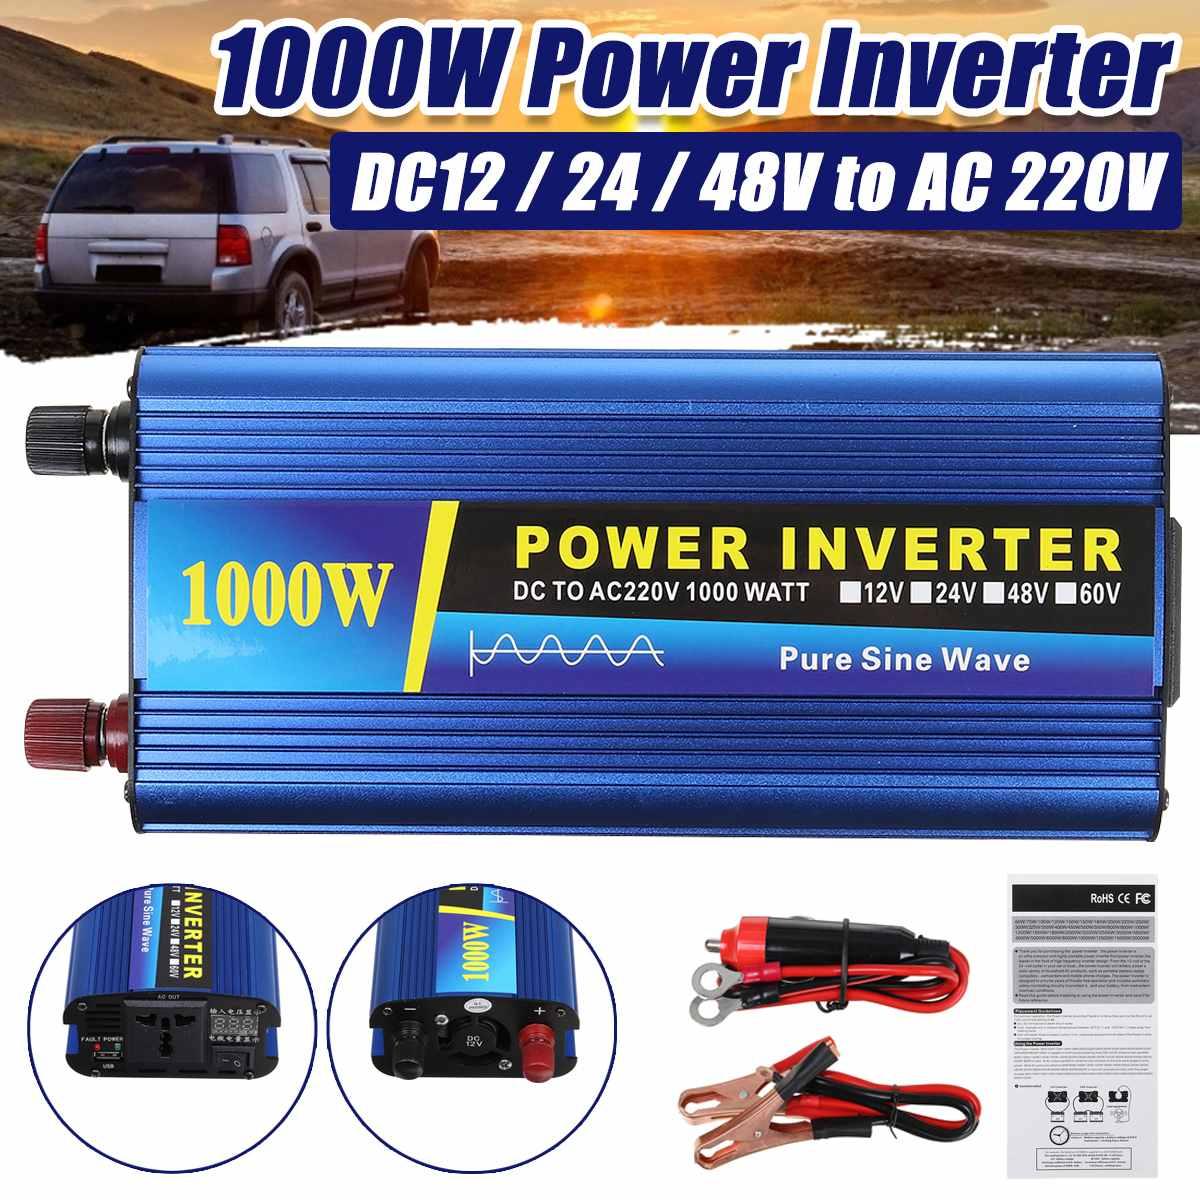 Автомобильный синусоидальный преобразователь, 1000 Вт, 12/24/48 В переменного тока, 220 В, USB-выход, бытовой автомобильный инвертор, модифицированн...